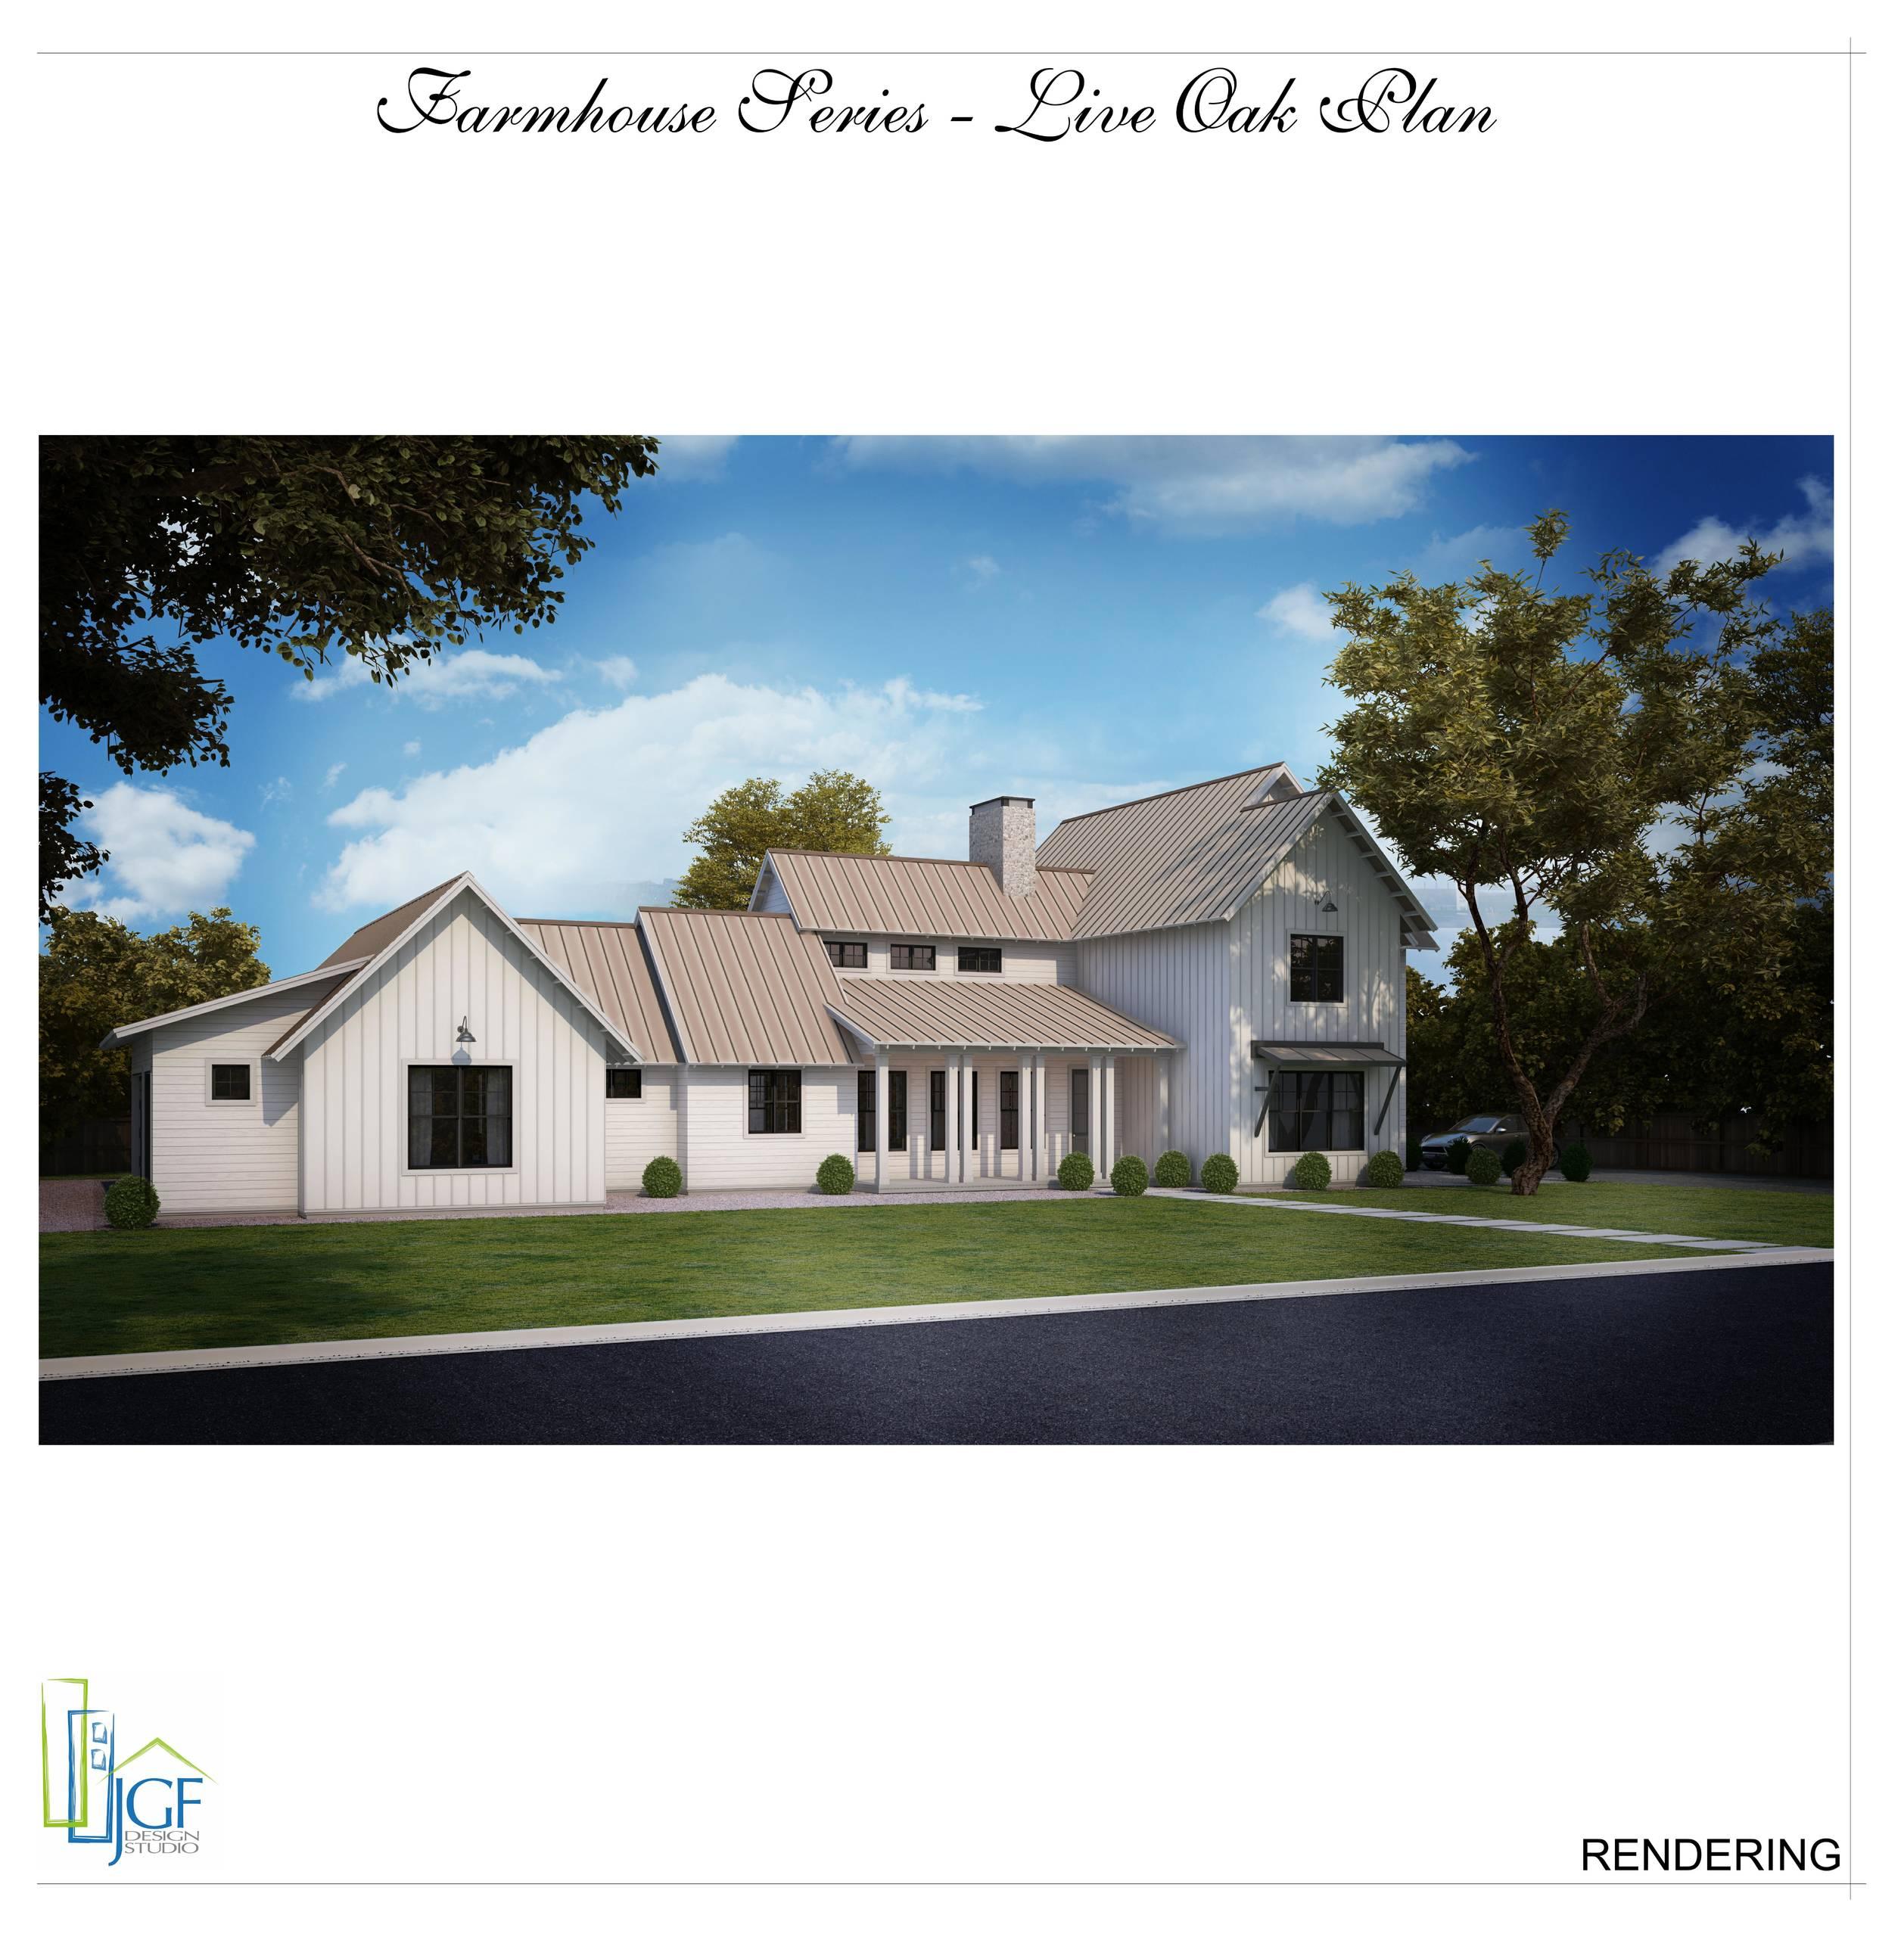 Modern Farmhouse - Live Oak Plan